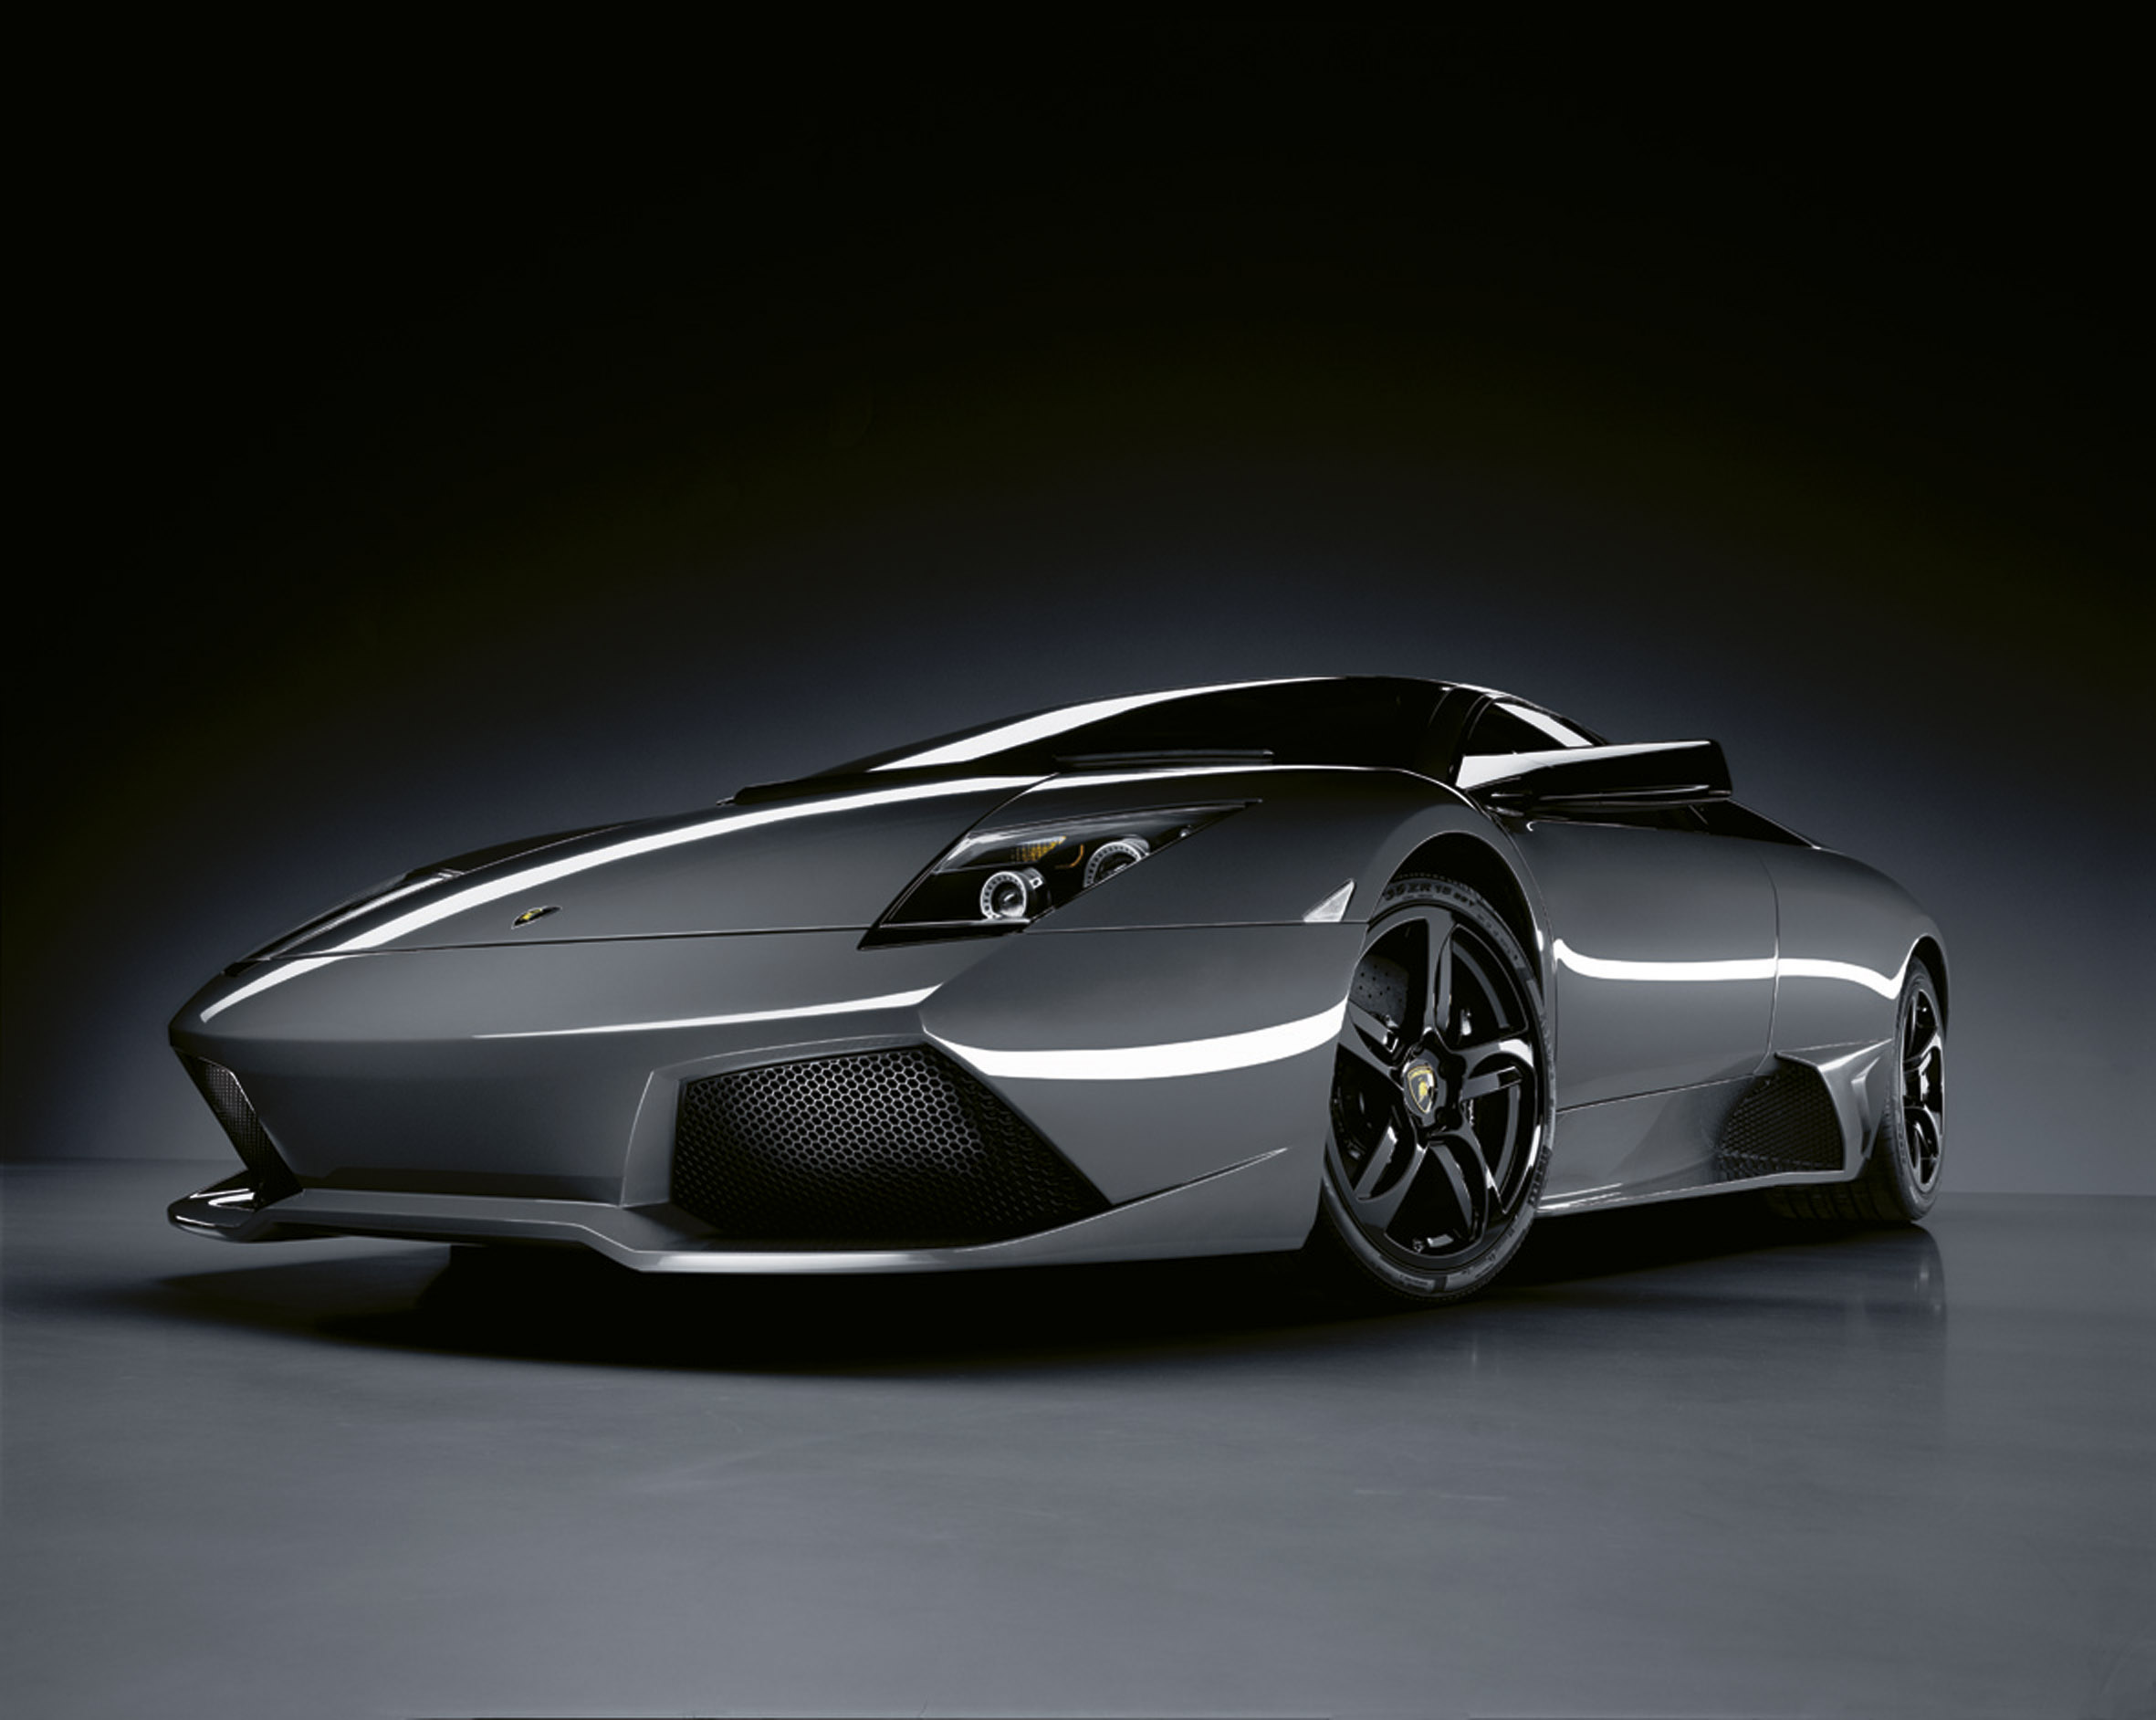 """Lamborghini делает другой знаковых появление в последние Бэтмен фильм """"Темный рыцарь"""" - фотография №5"""